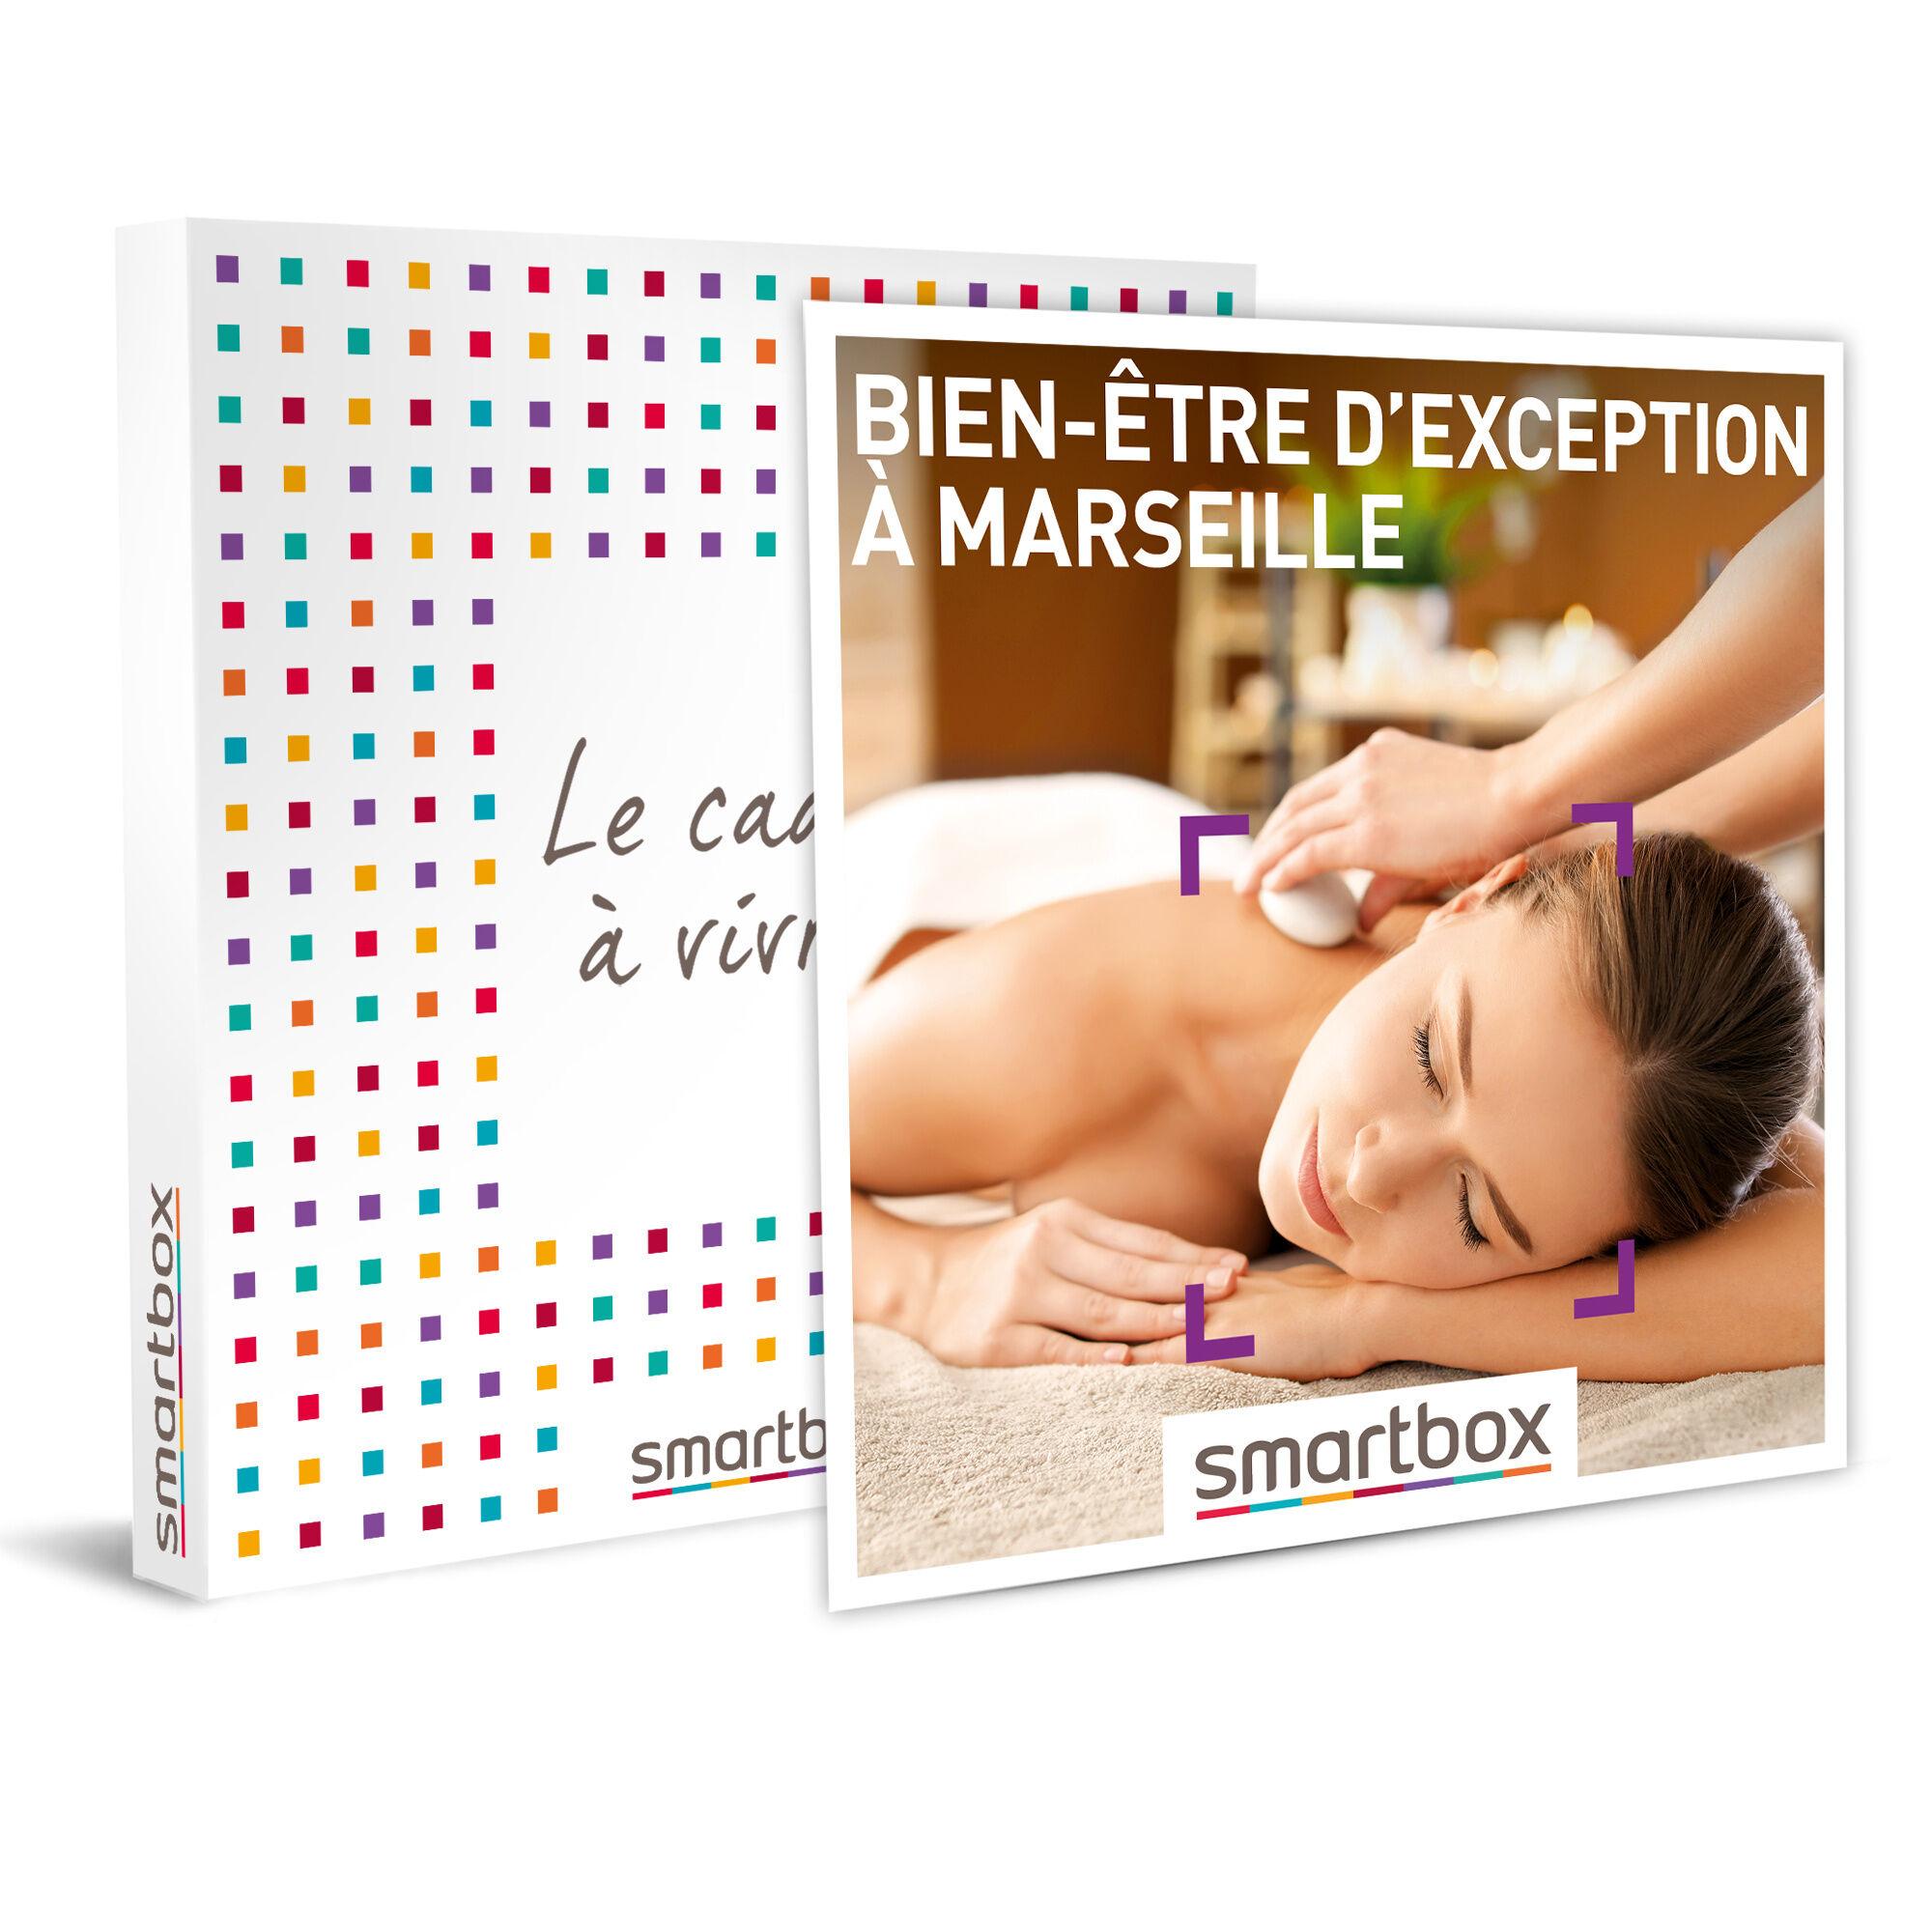 Smartbox Bien-être d'exception à Marseille Coffret cadeau Smartbox